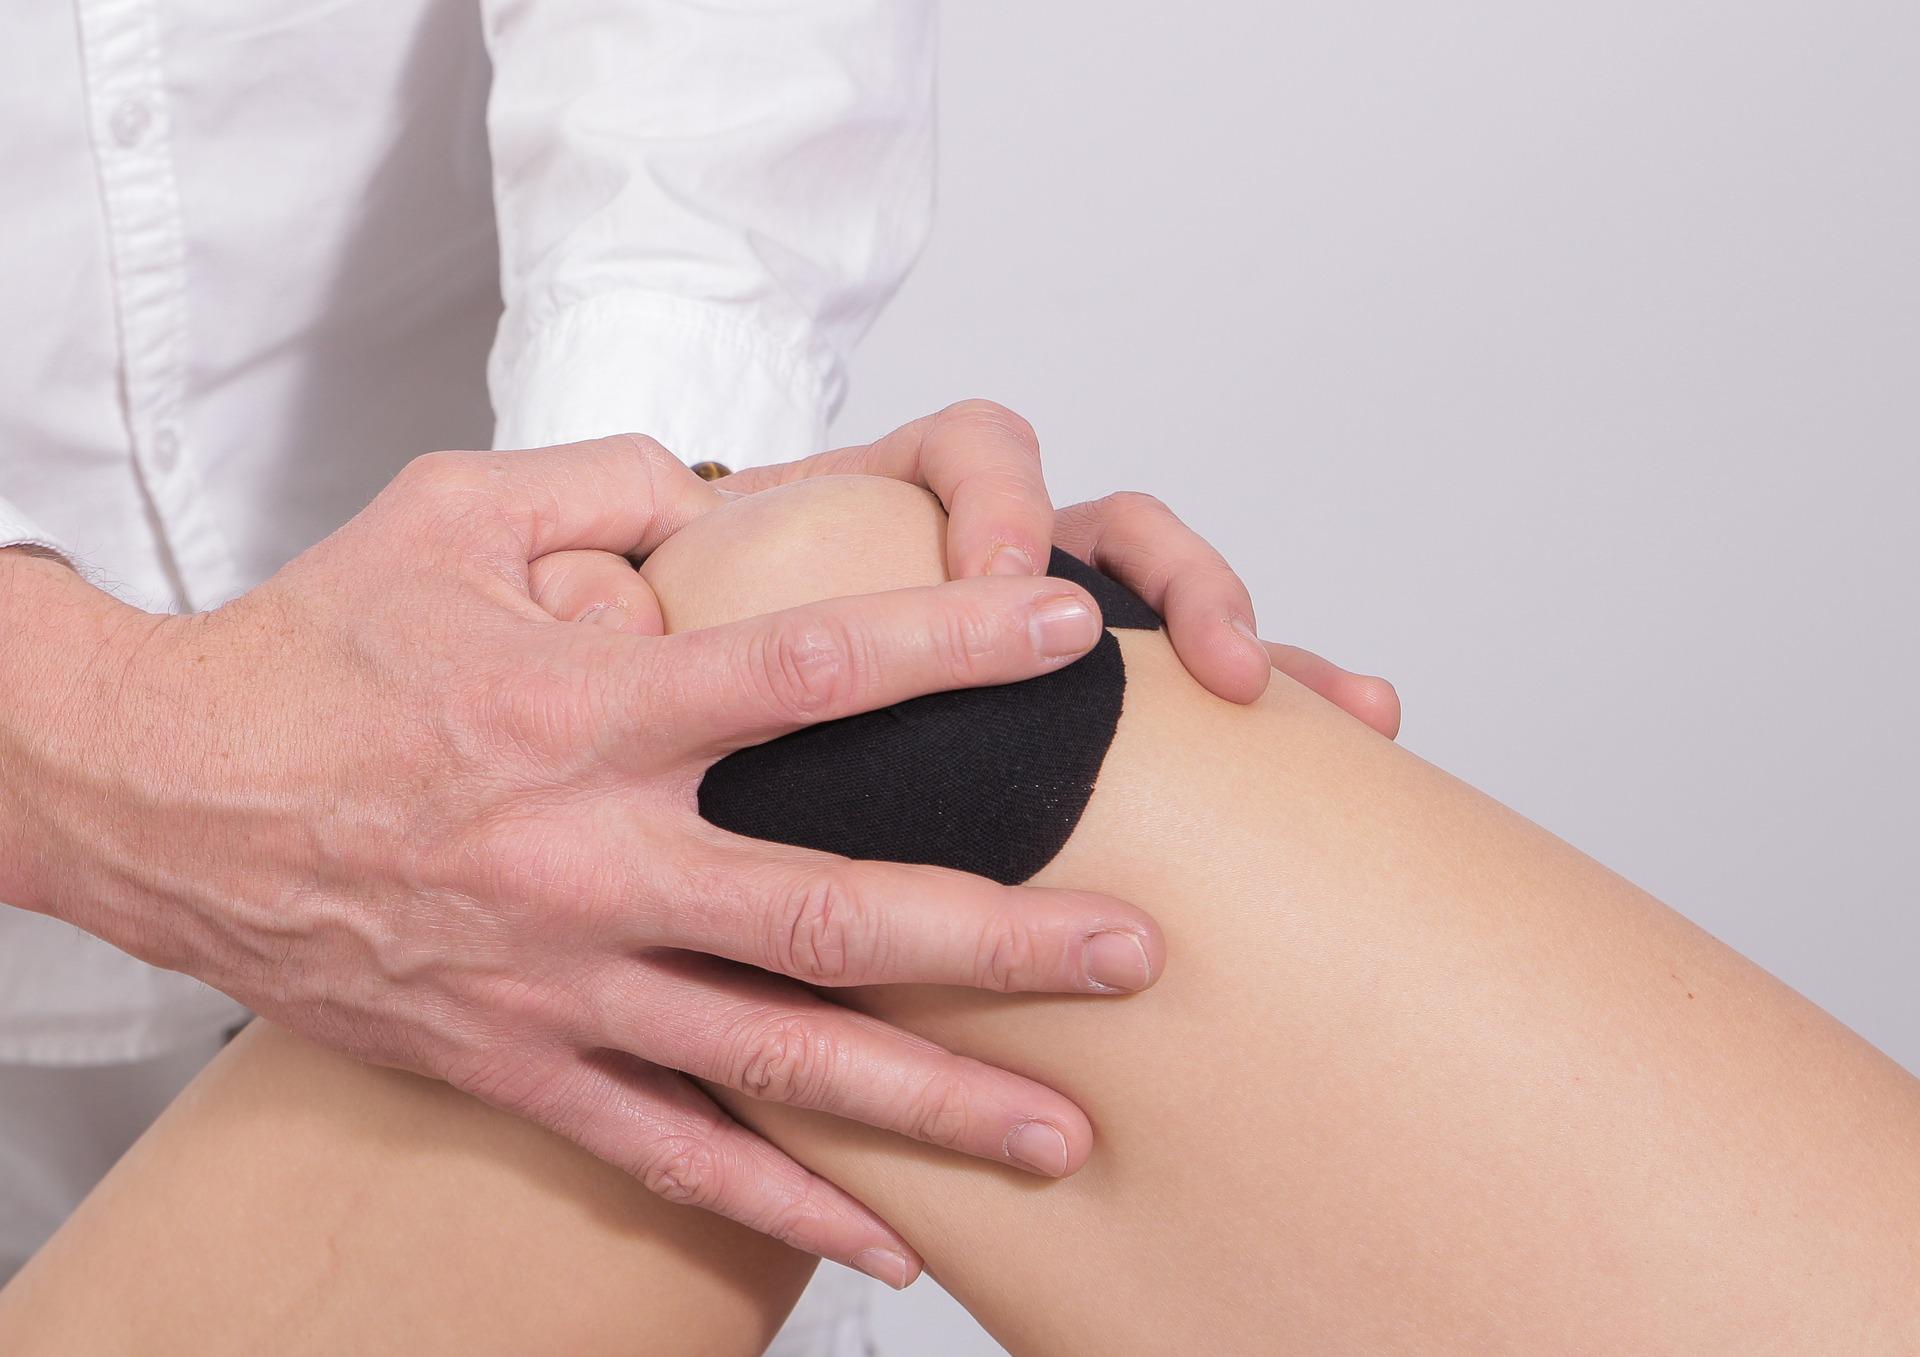 Le chondroïtine préserve et reconstruit le cartilage des articulations.